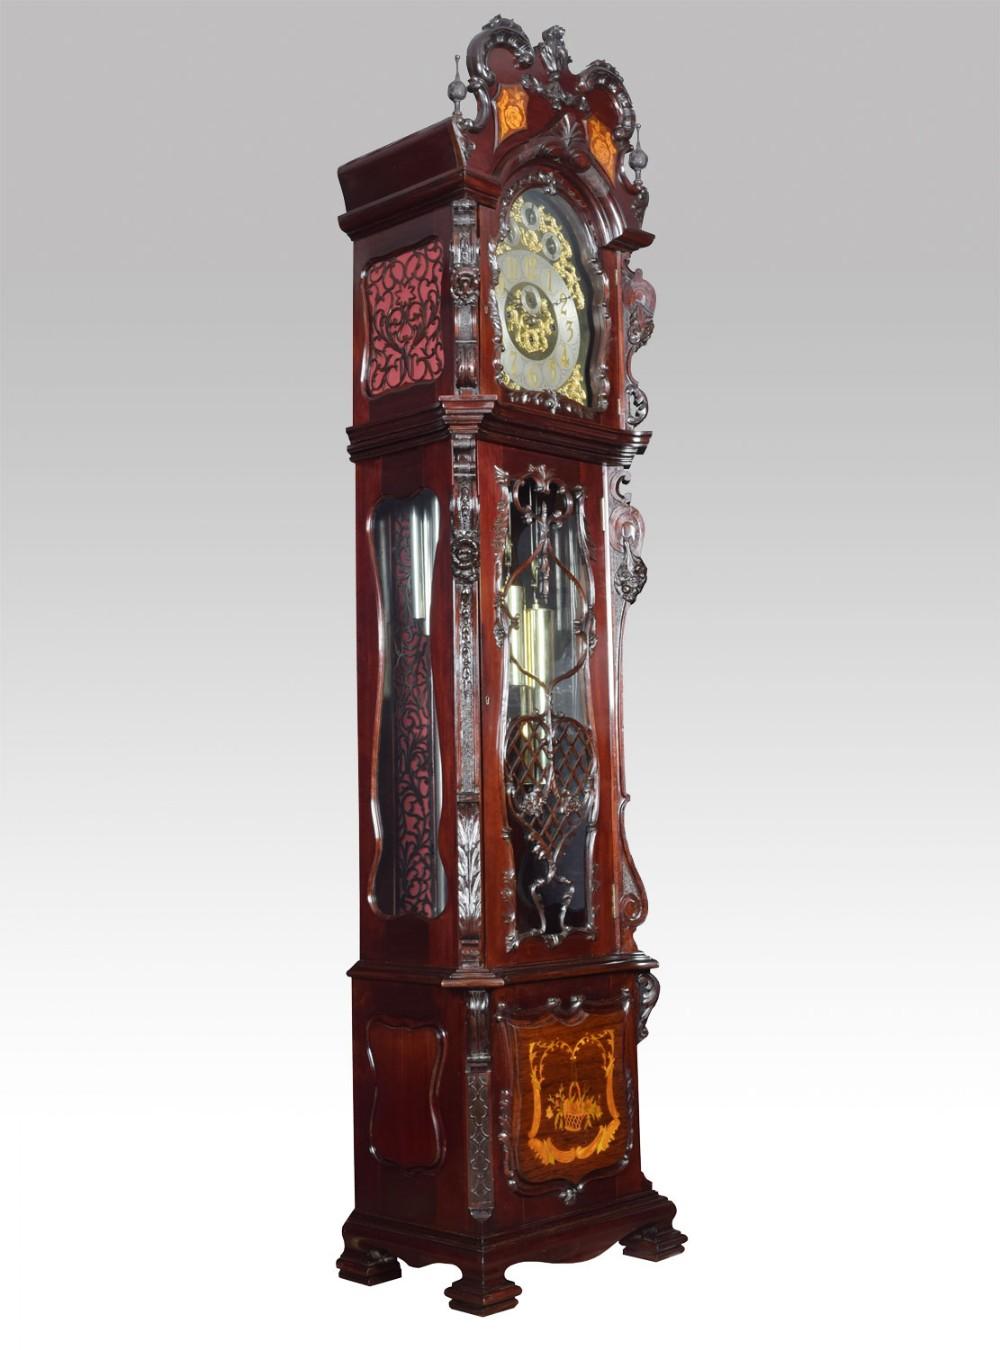 extremely large exhibition quality tubular chiming longcase clock